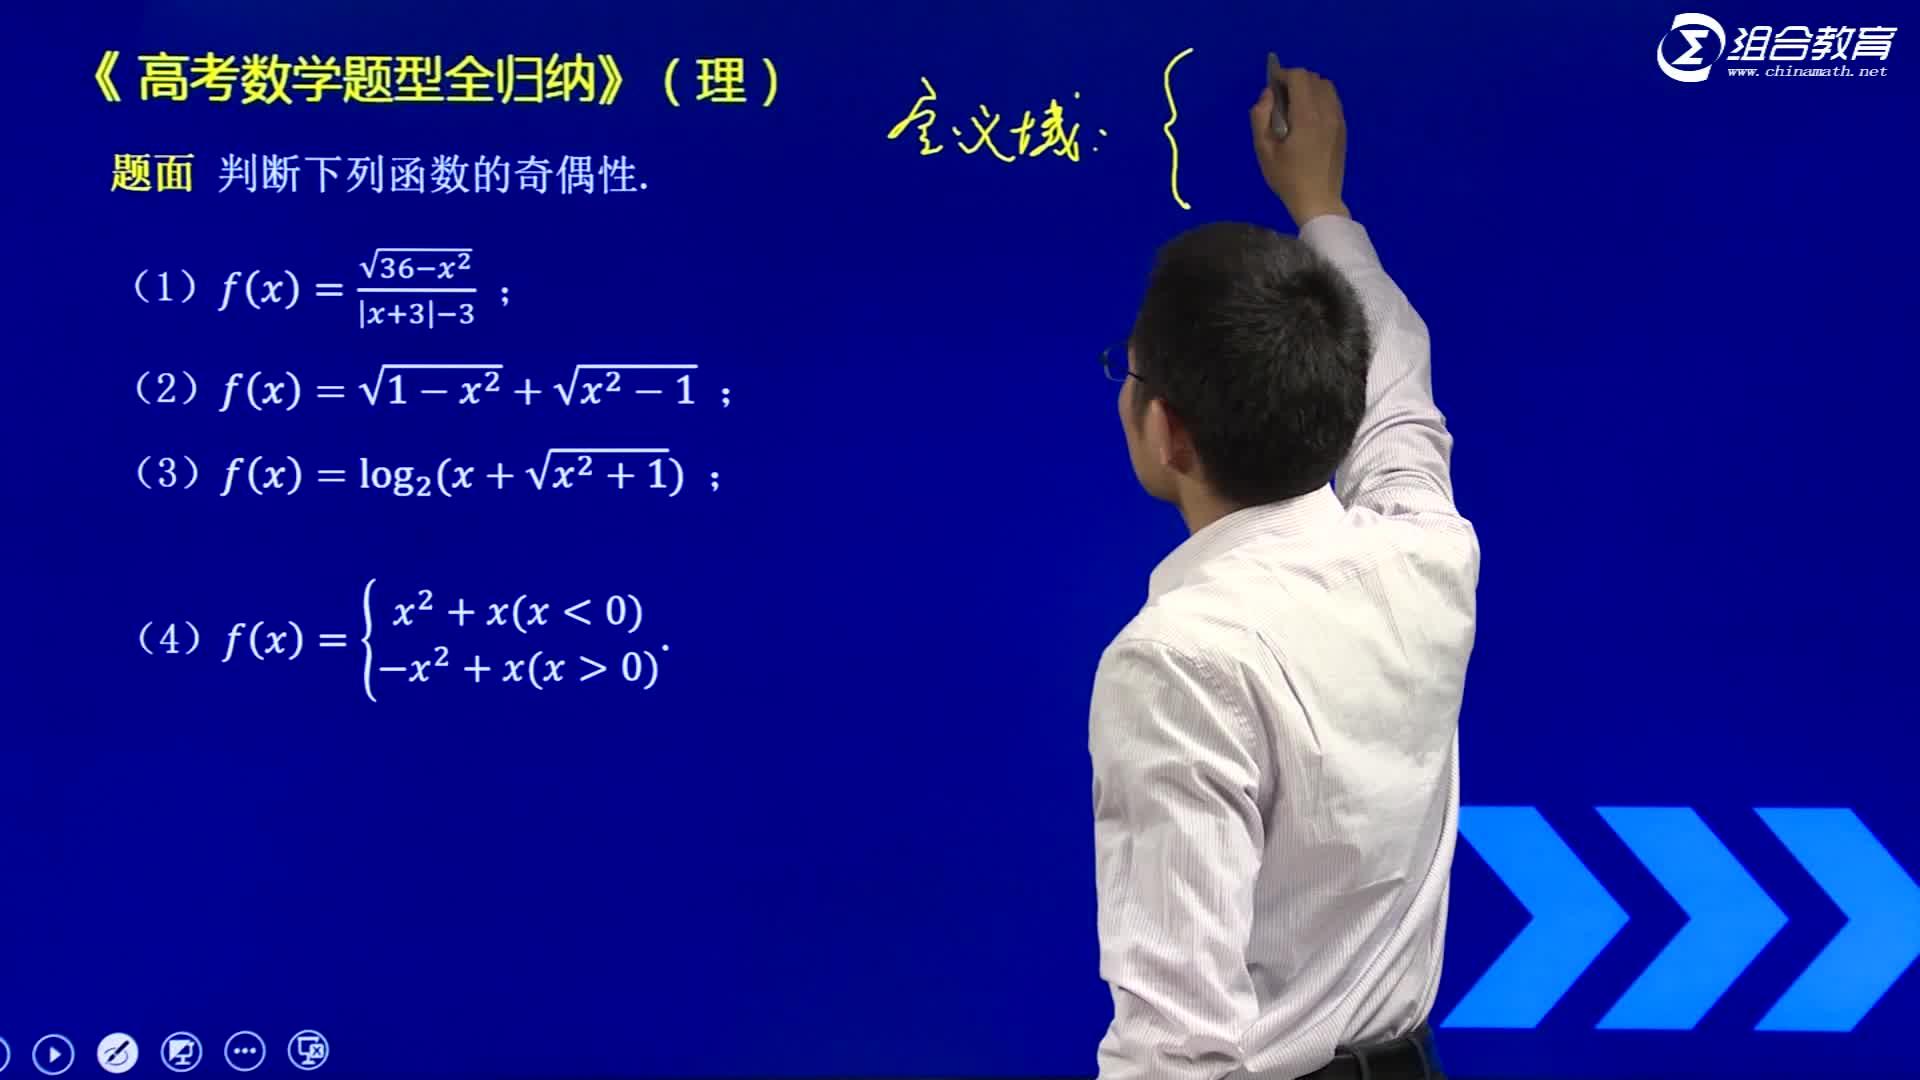 视频2.15 函数奇偶性的判断-【洞穿高考】2020版高考理科数学题型全归纳